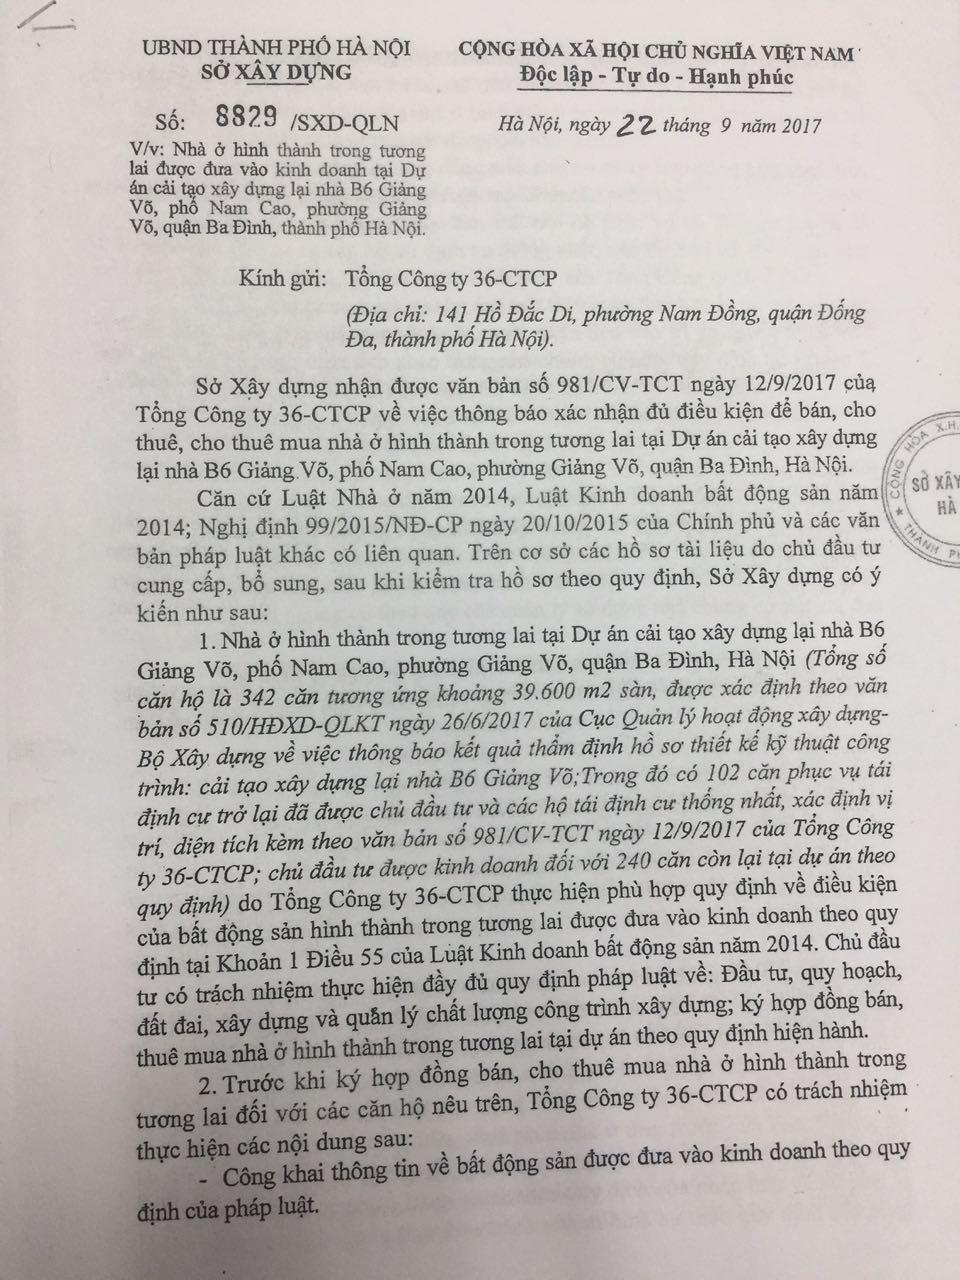 Pháp lý dự án chung cư B6 Giảng Võ